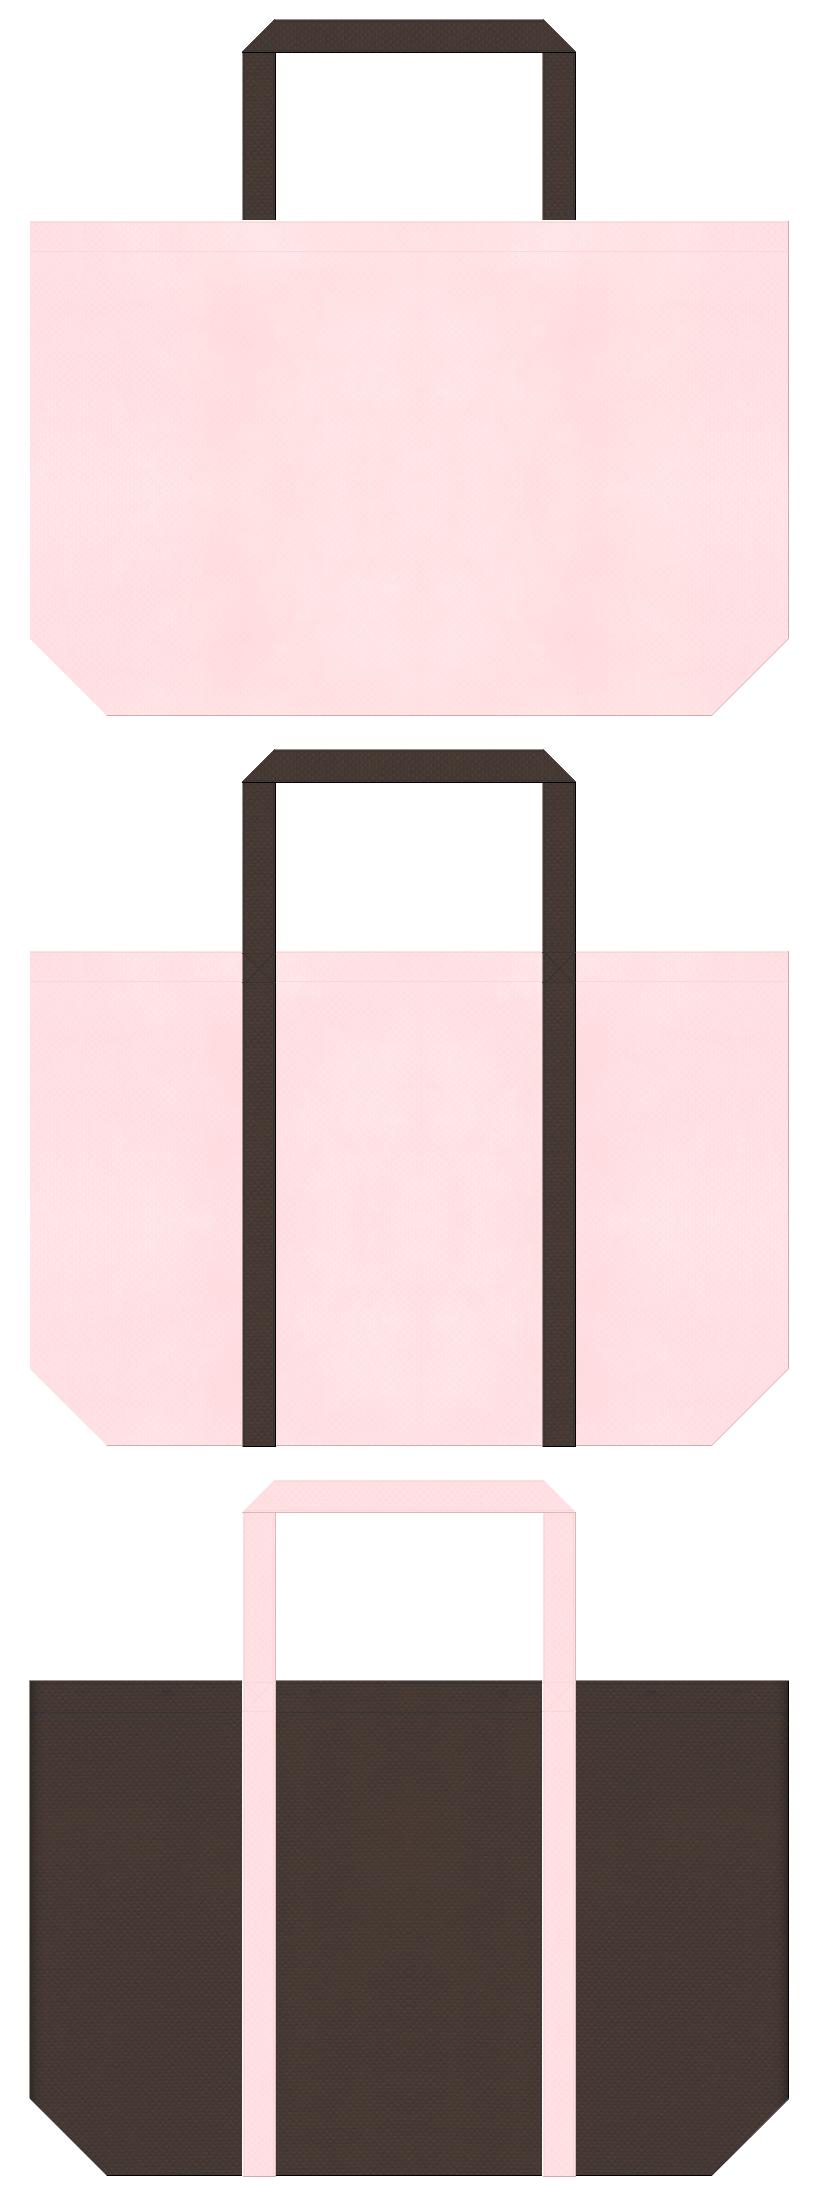 観光・花見・桜餅・いちご大福・和菓子・チョコレート・スイーツ・成人式・卒業式・学校・学園・オープンキャンパス・写真館・和風催事・ガーリーデザインにお奨めの不織布バッグデザイン:桜色とこげ茶色のコーデ